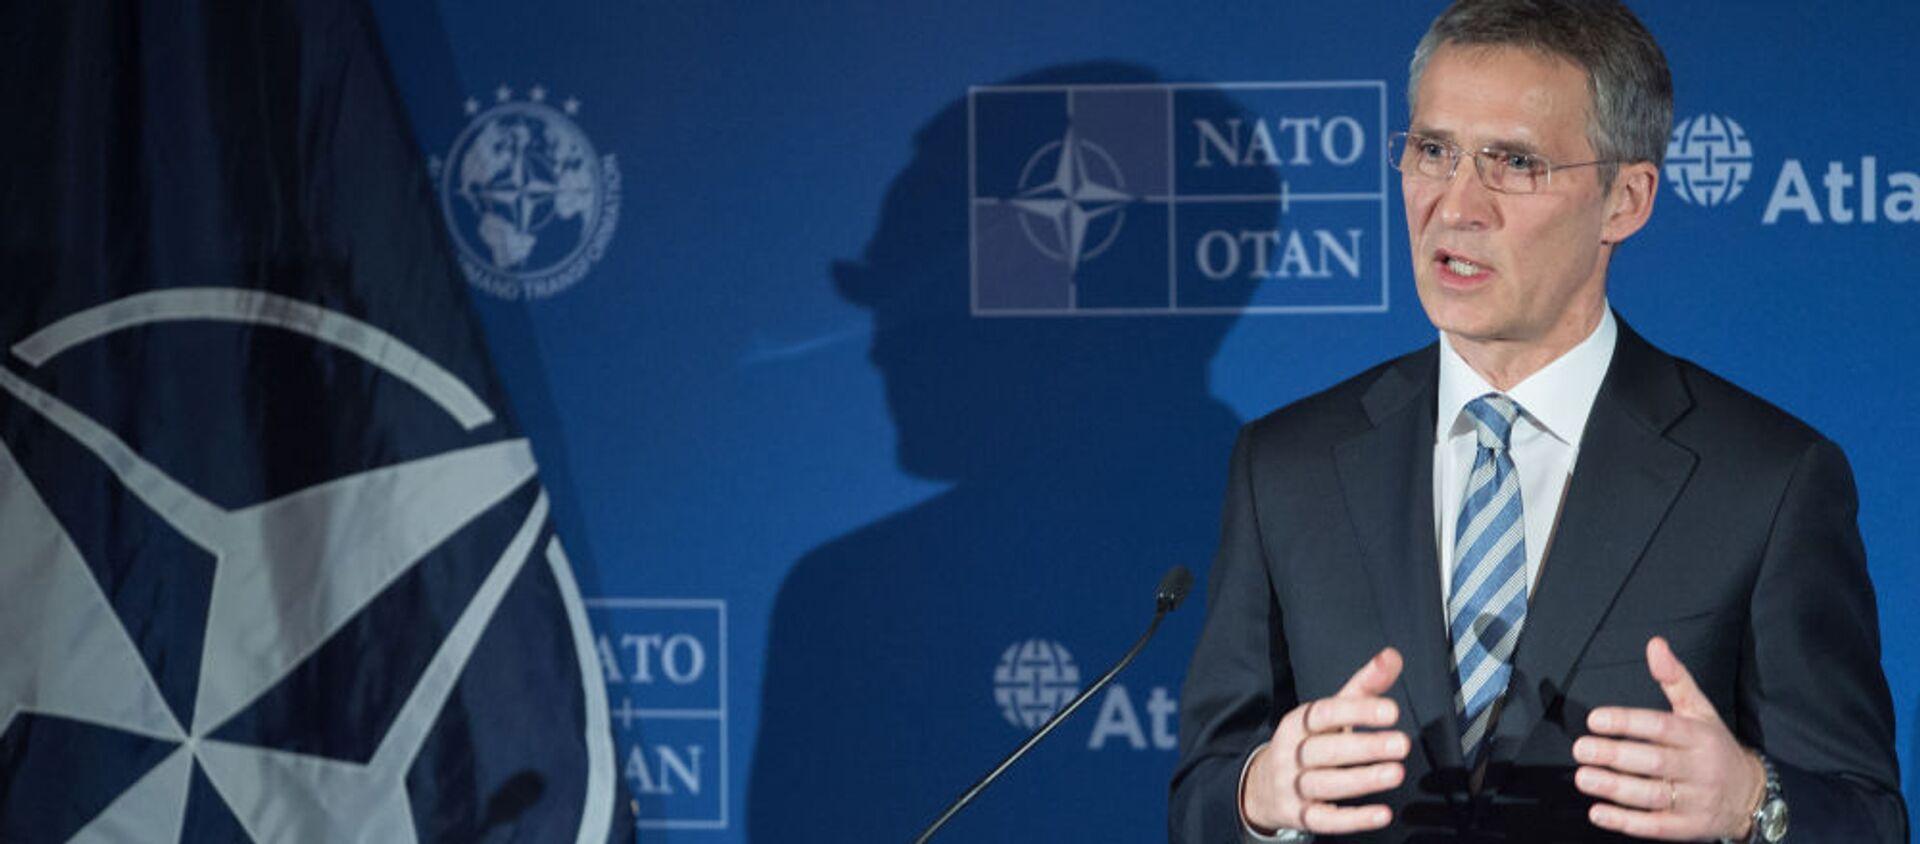 Sekretarz generalny NATO Jens Stolenberg - Sputnik Polska, 1920, 08.06.2021